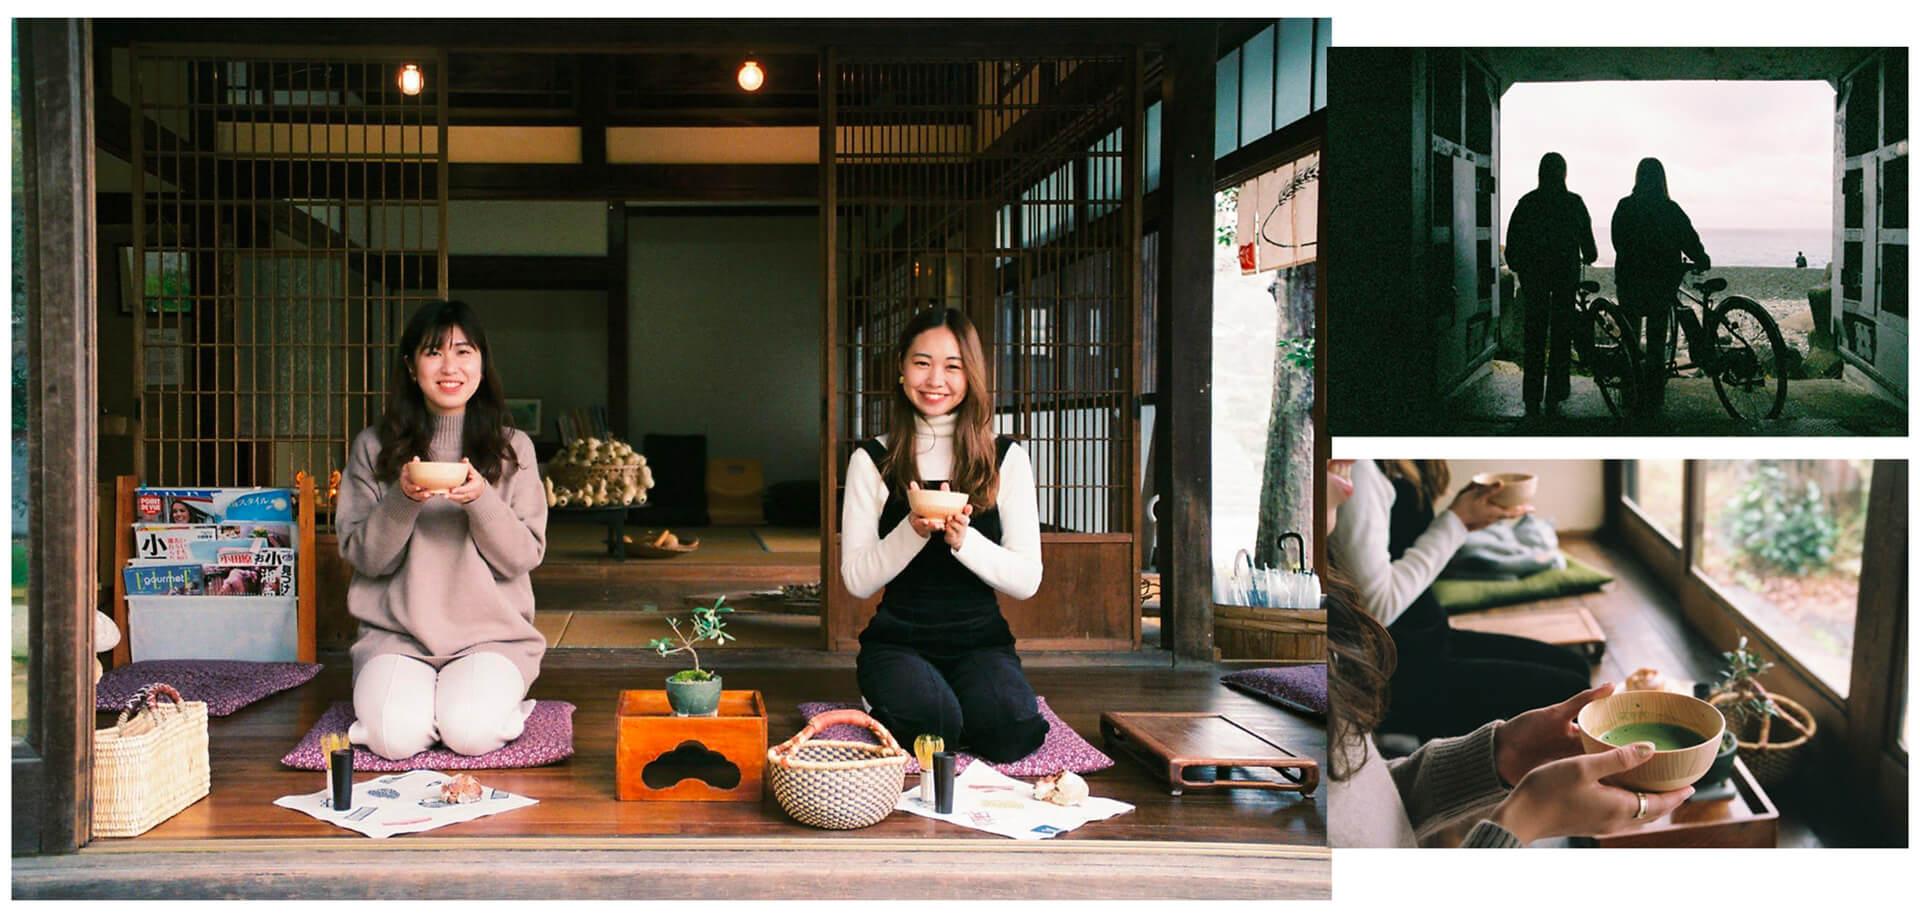 小田原を五感で楽しむ体験型ツアー